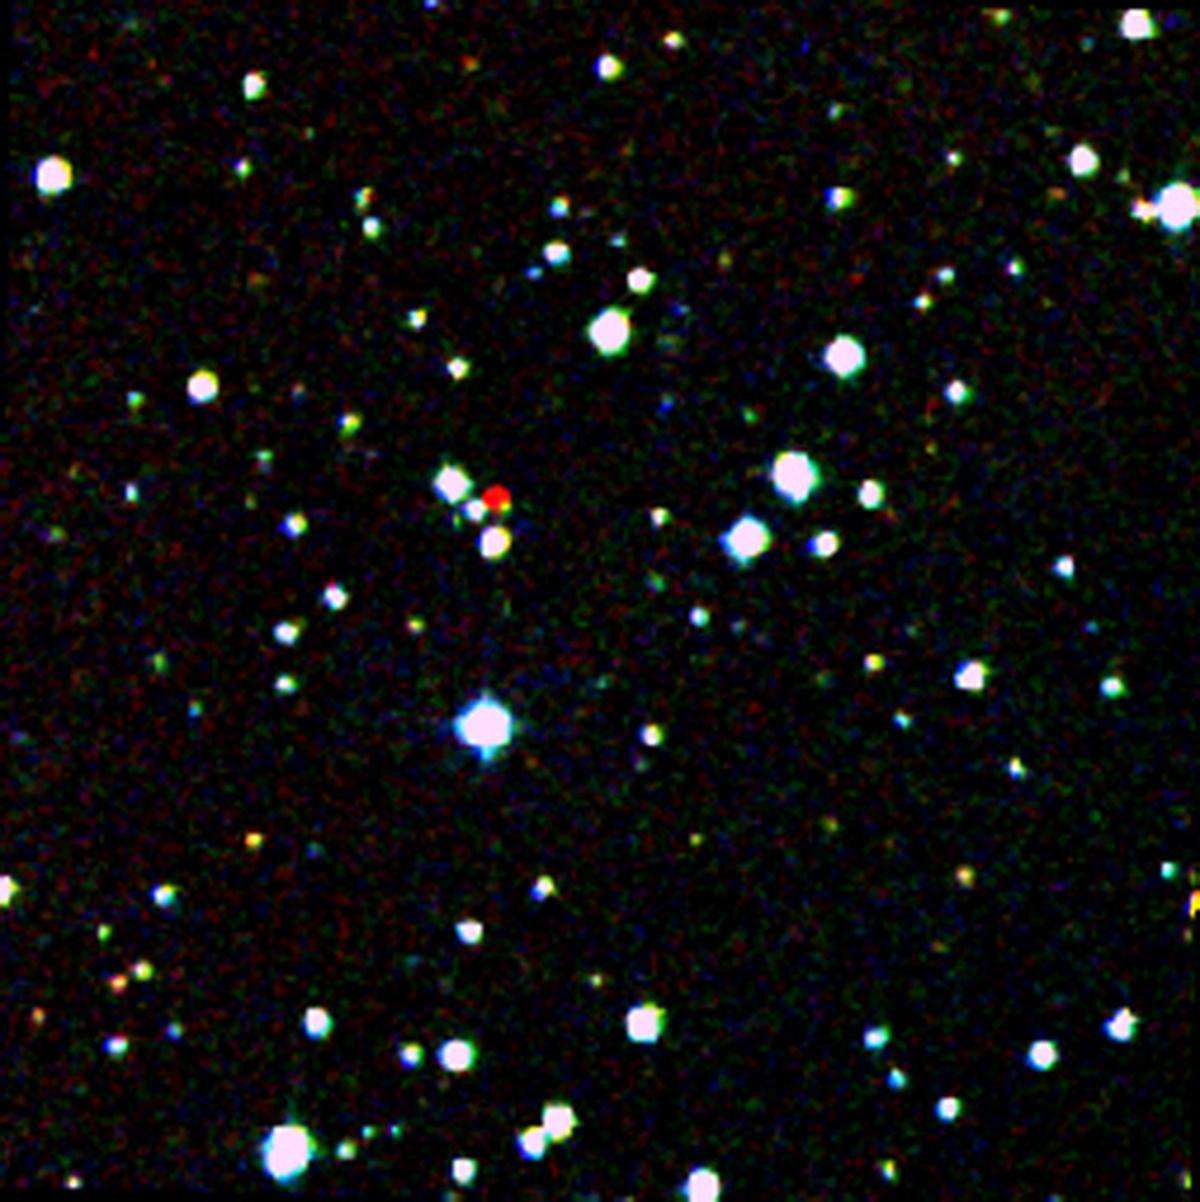 Débusquée par le télescope spatial Wise au cours de la première phase de mission entre 2010 et 2011, WiseA J204027.30+695924.1 est une étoile très âgée qualifiée de sous-naine de type spectral L en déplacement rapide dans notre voisinage. © DSS, Nasa, JPL-Caltech